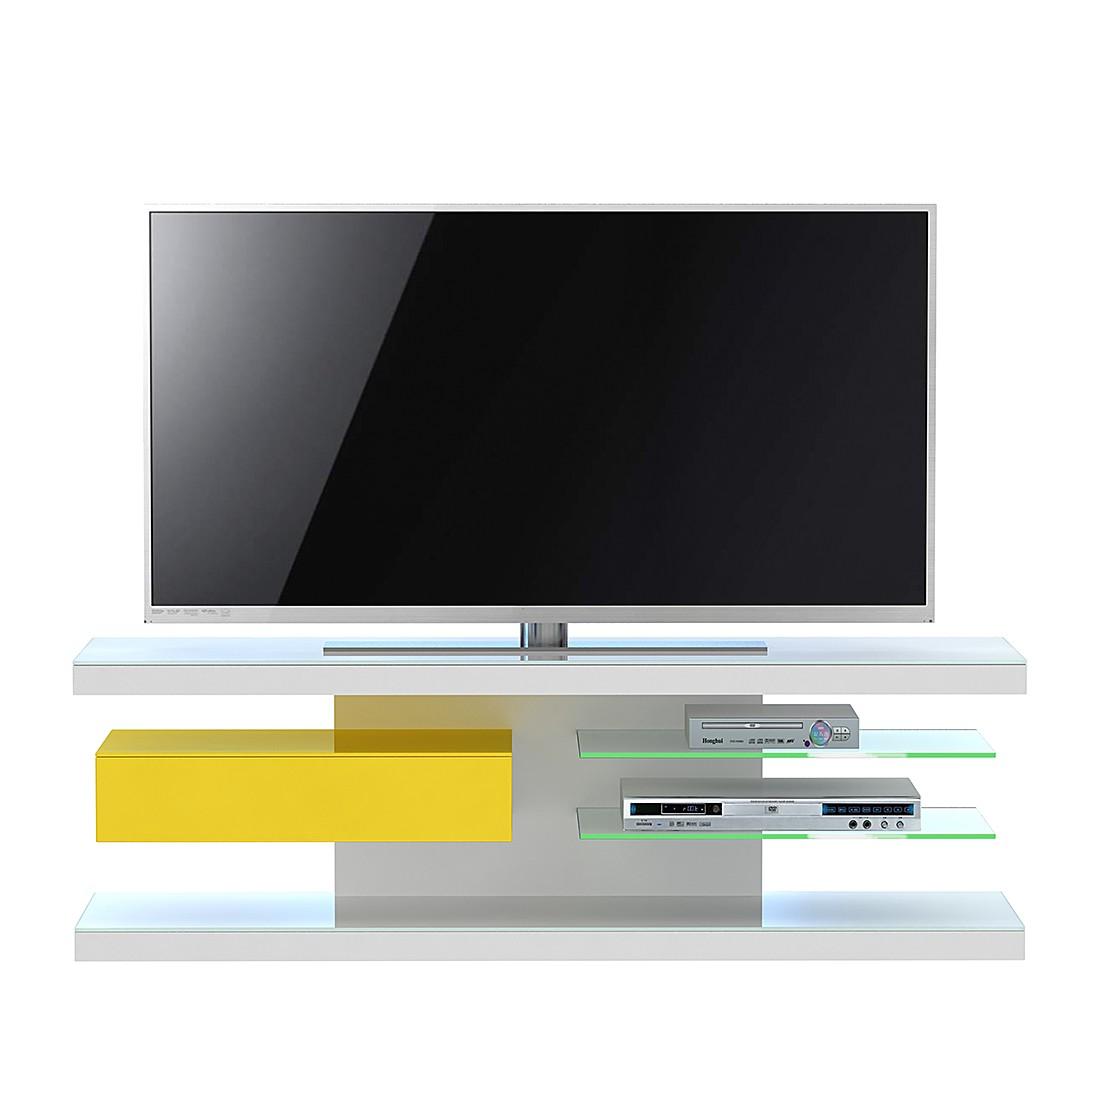 jahnke tv mobel luxor 2000 sl fabulous tv mbel cm breit with tv mbel cm breit with jahnke mbel